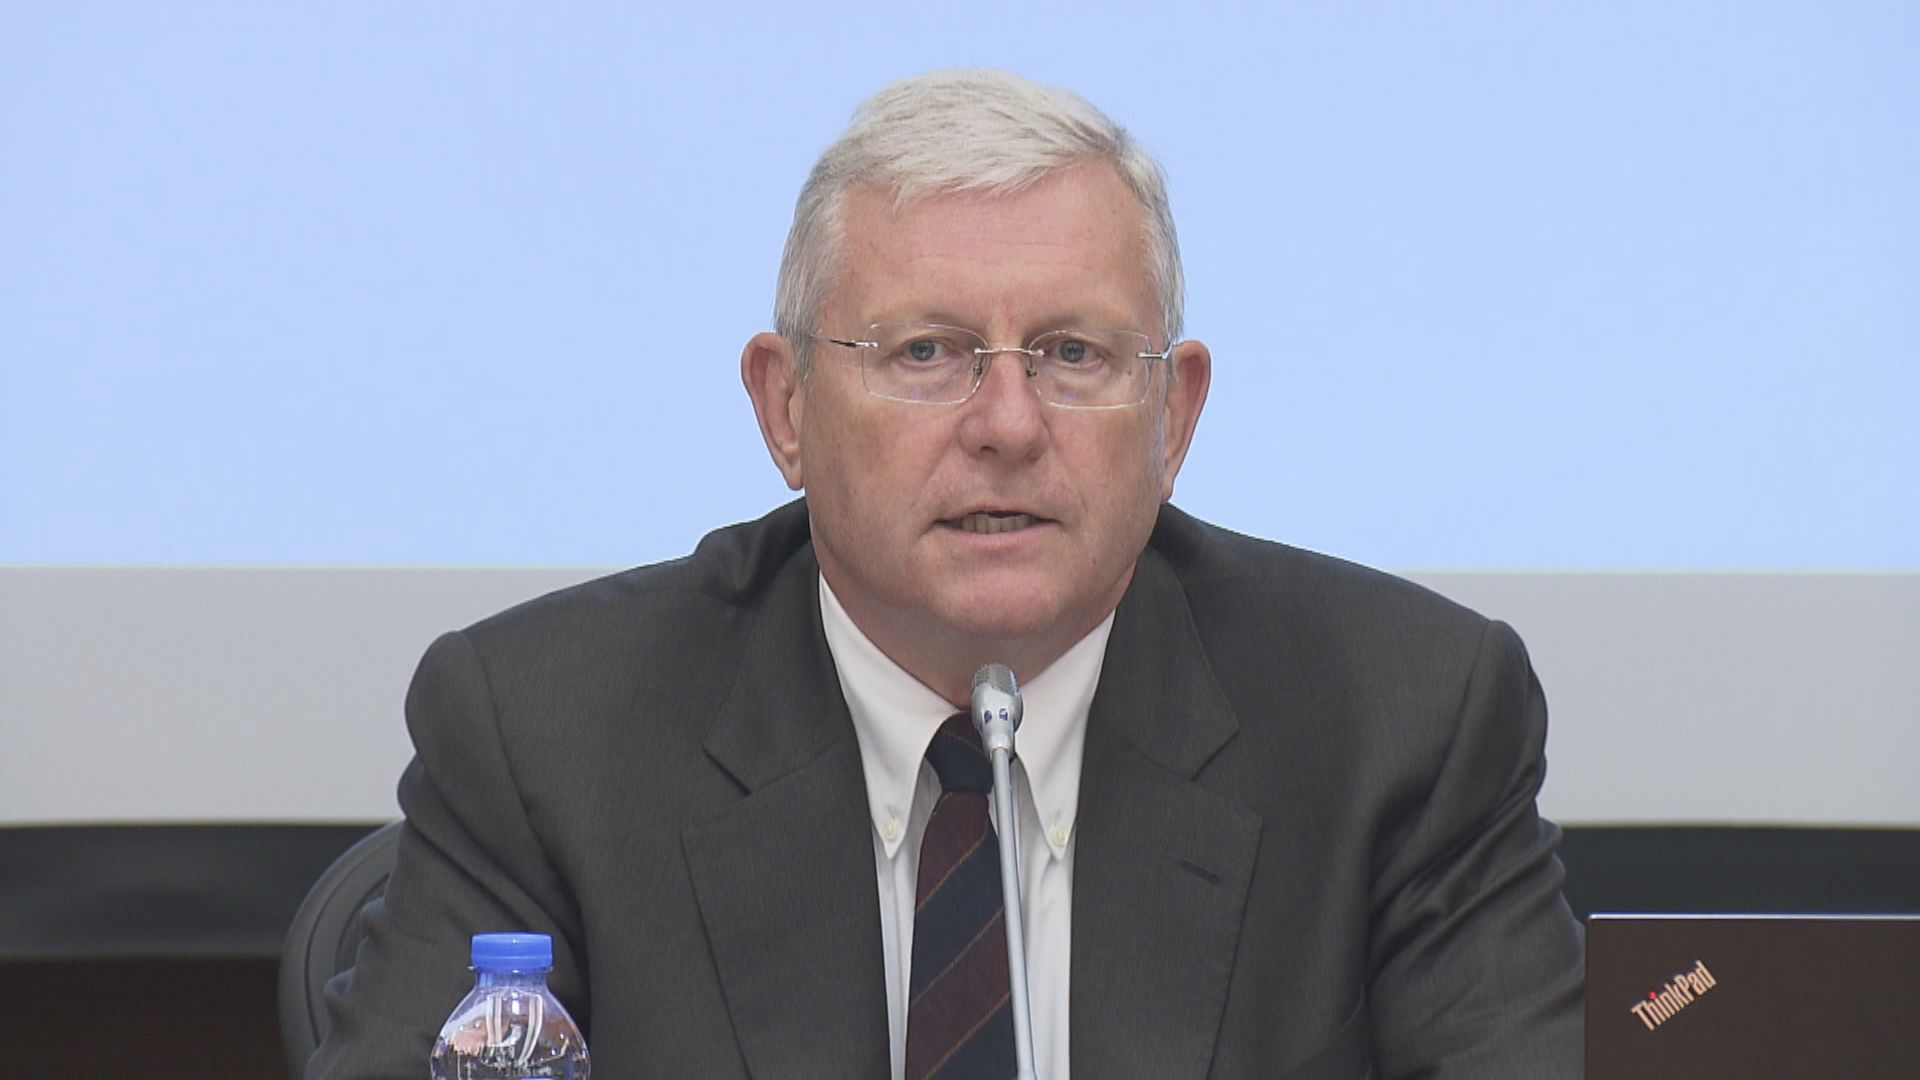 西九文化區管理局行政總裁栢志高11月底離任